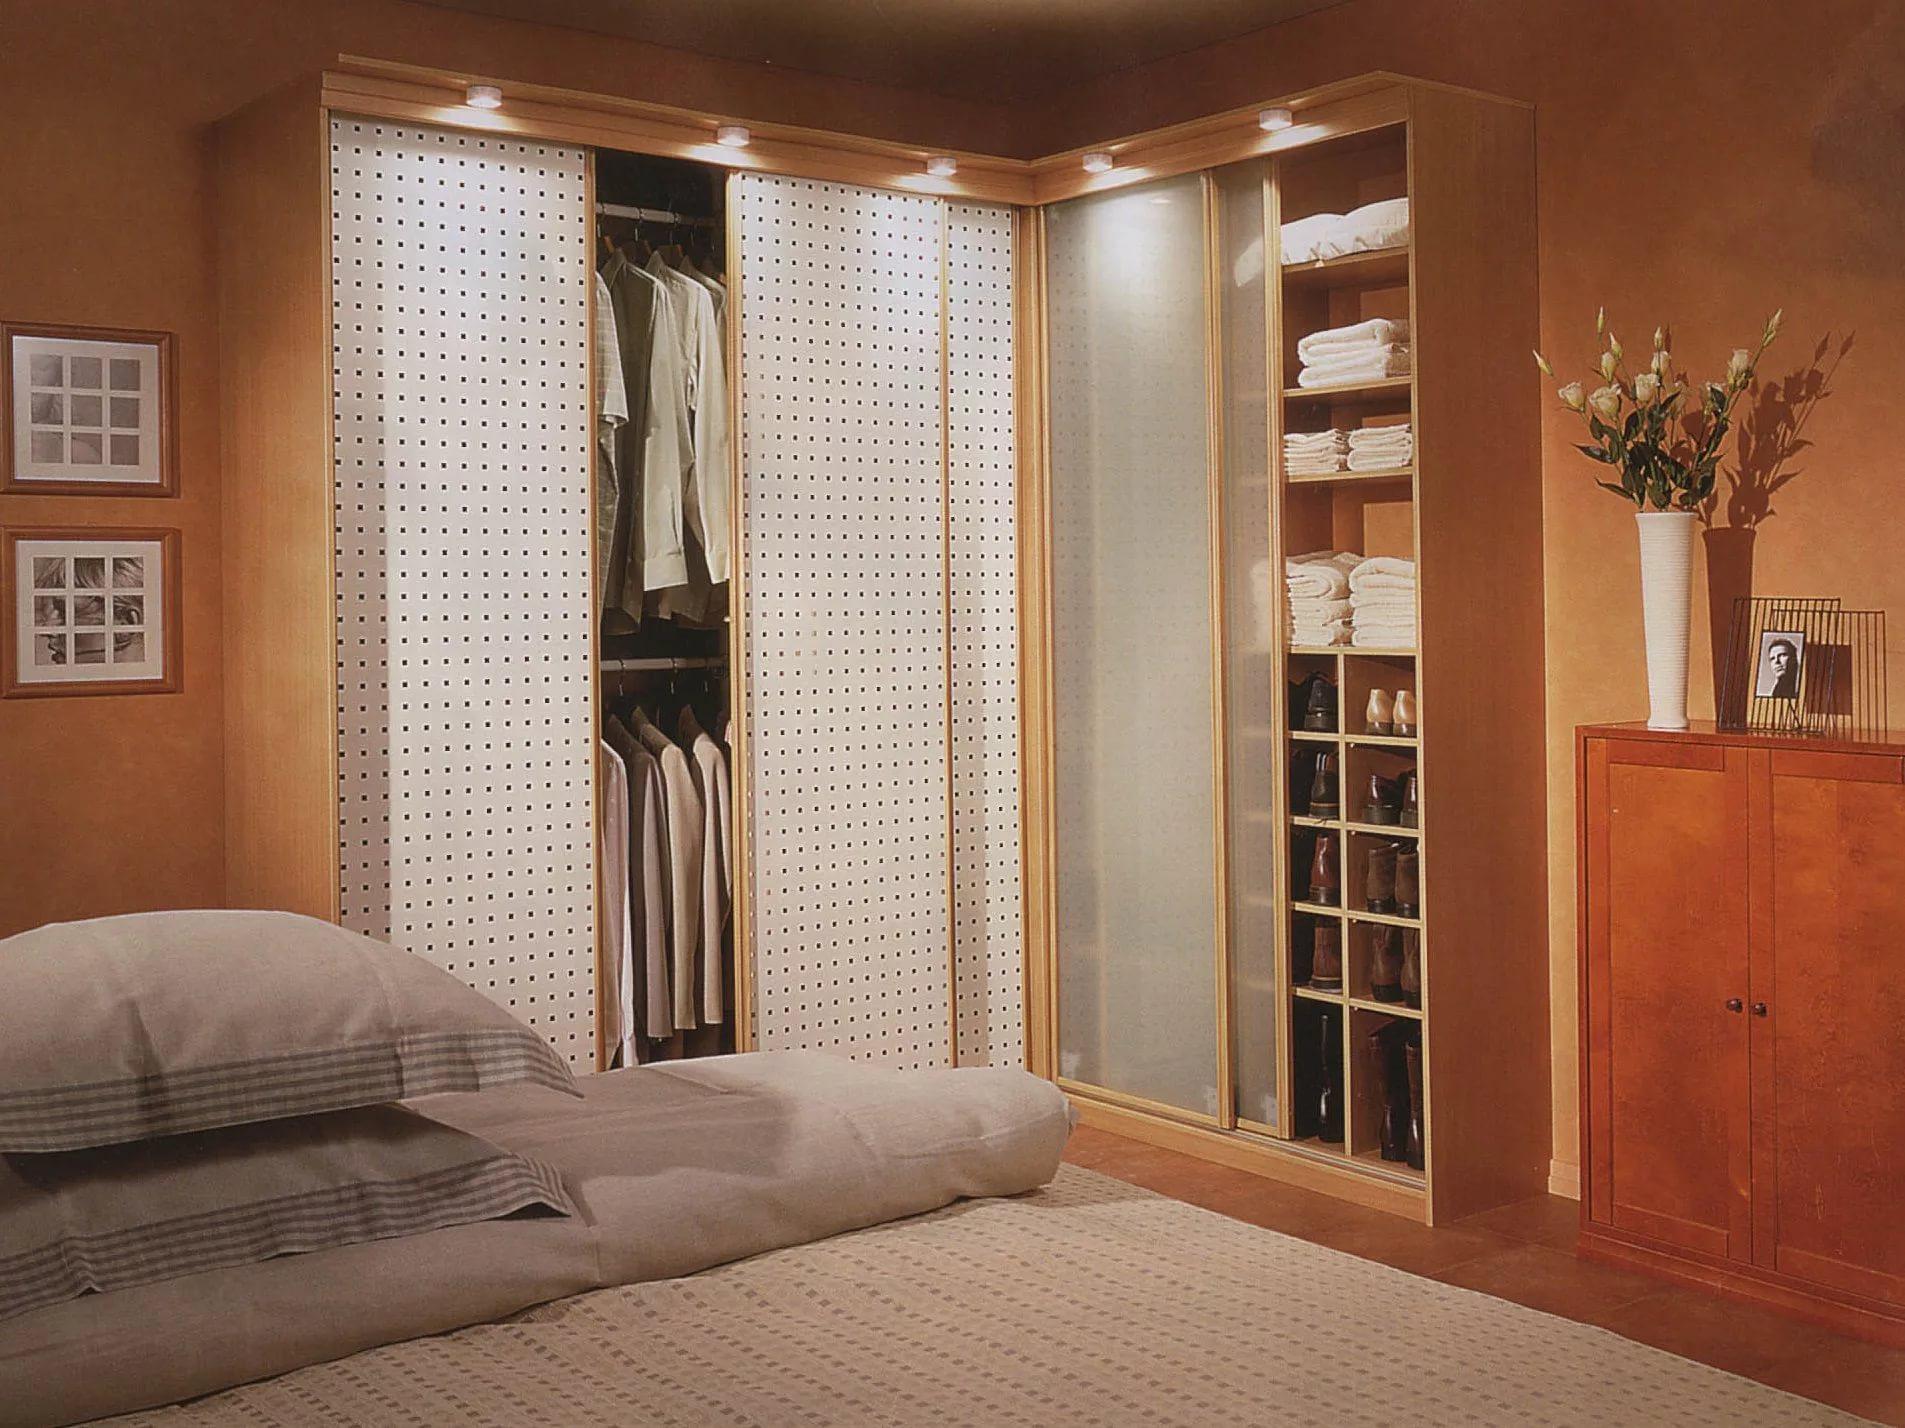 Шкаф для маленькой спальни (37 фото): идеи компактных и вместительных вариантов для небольшой комнаты